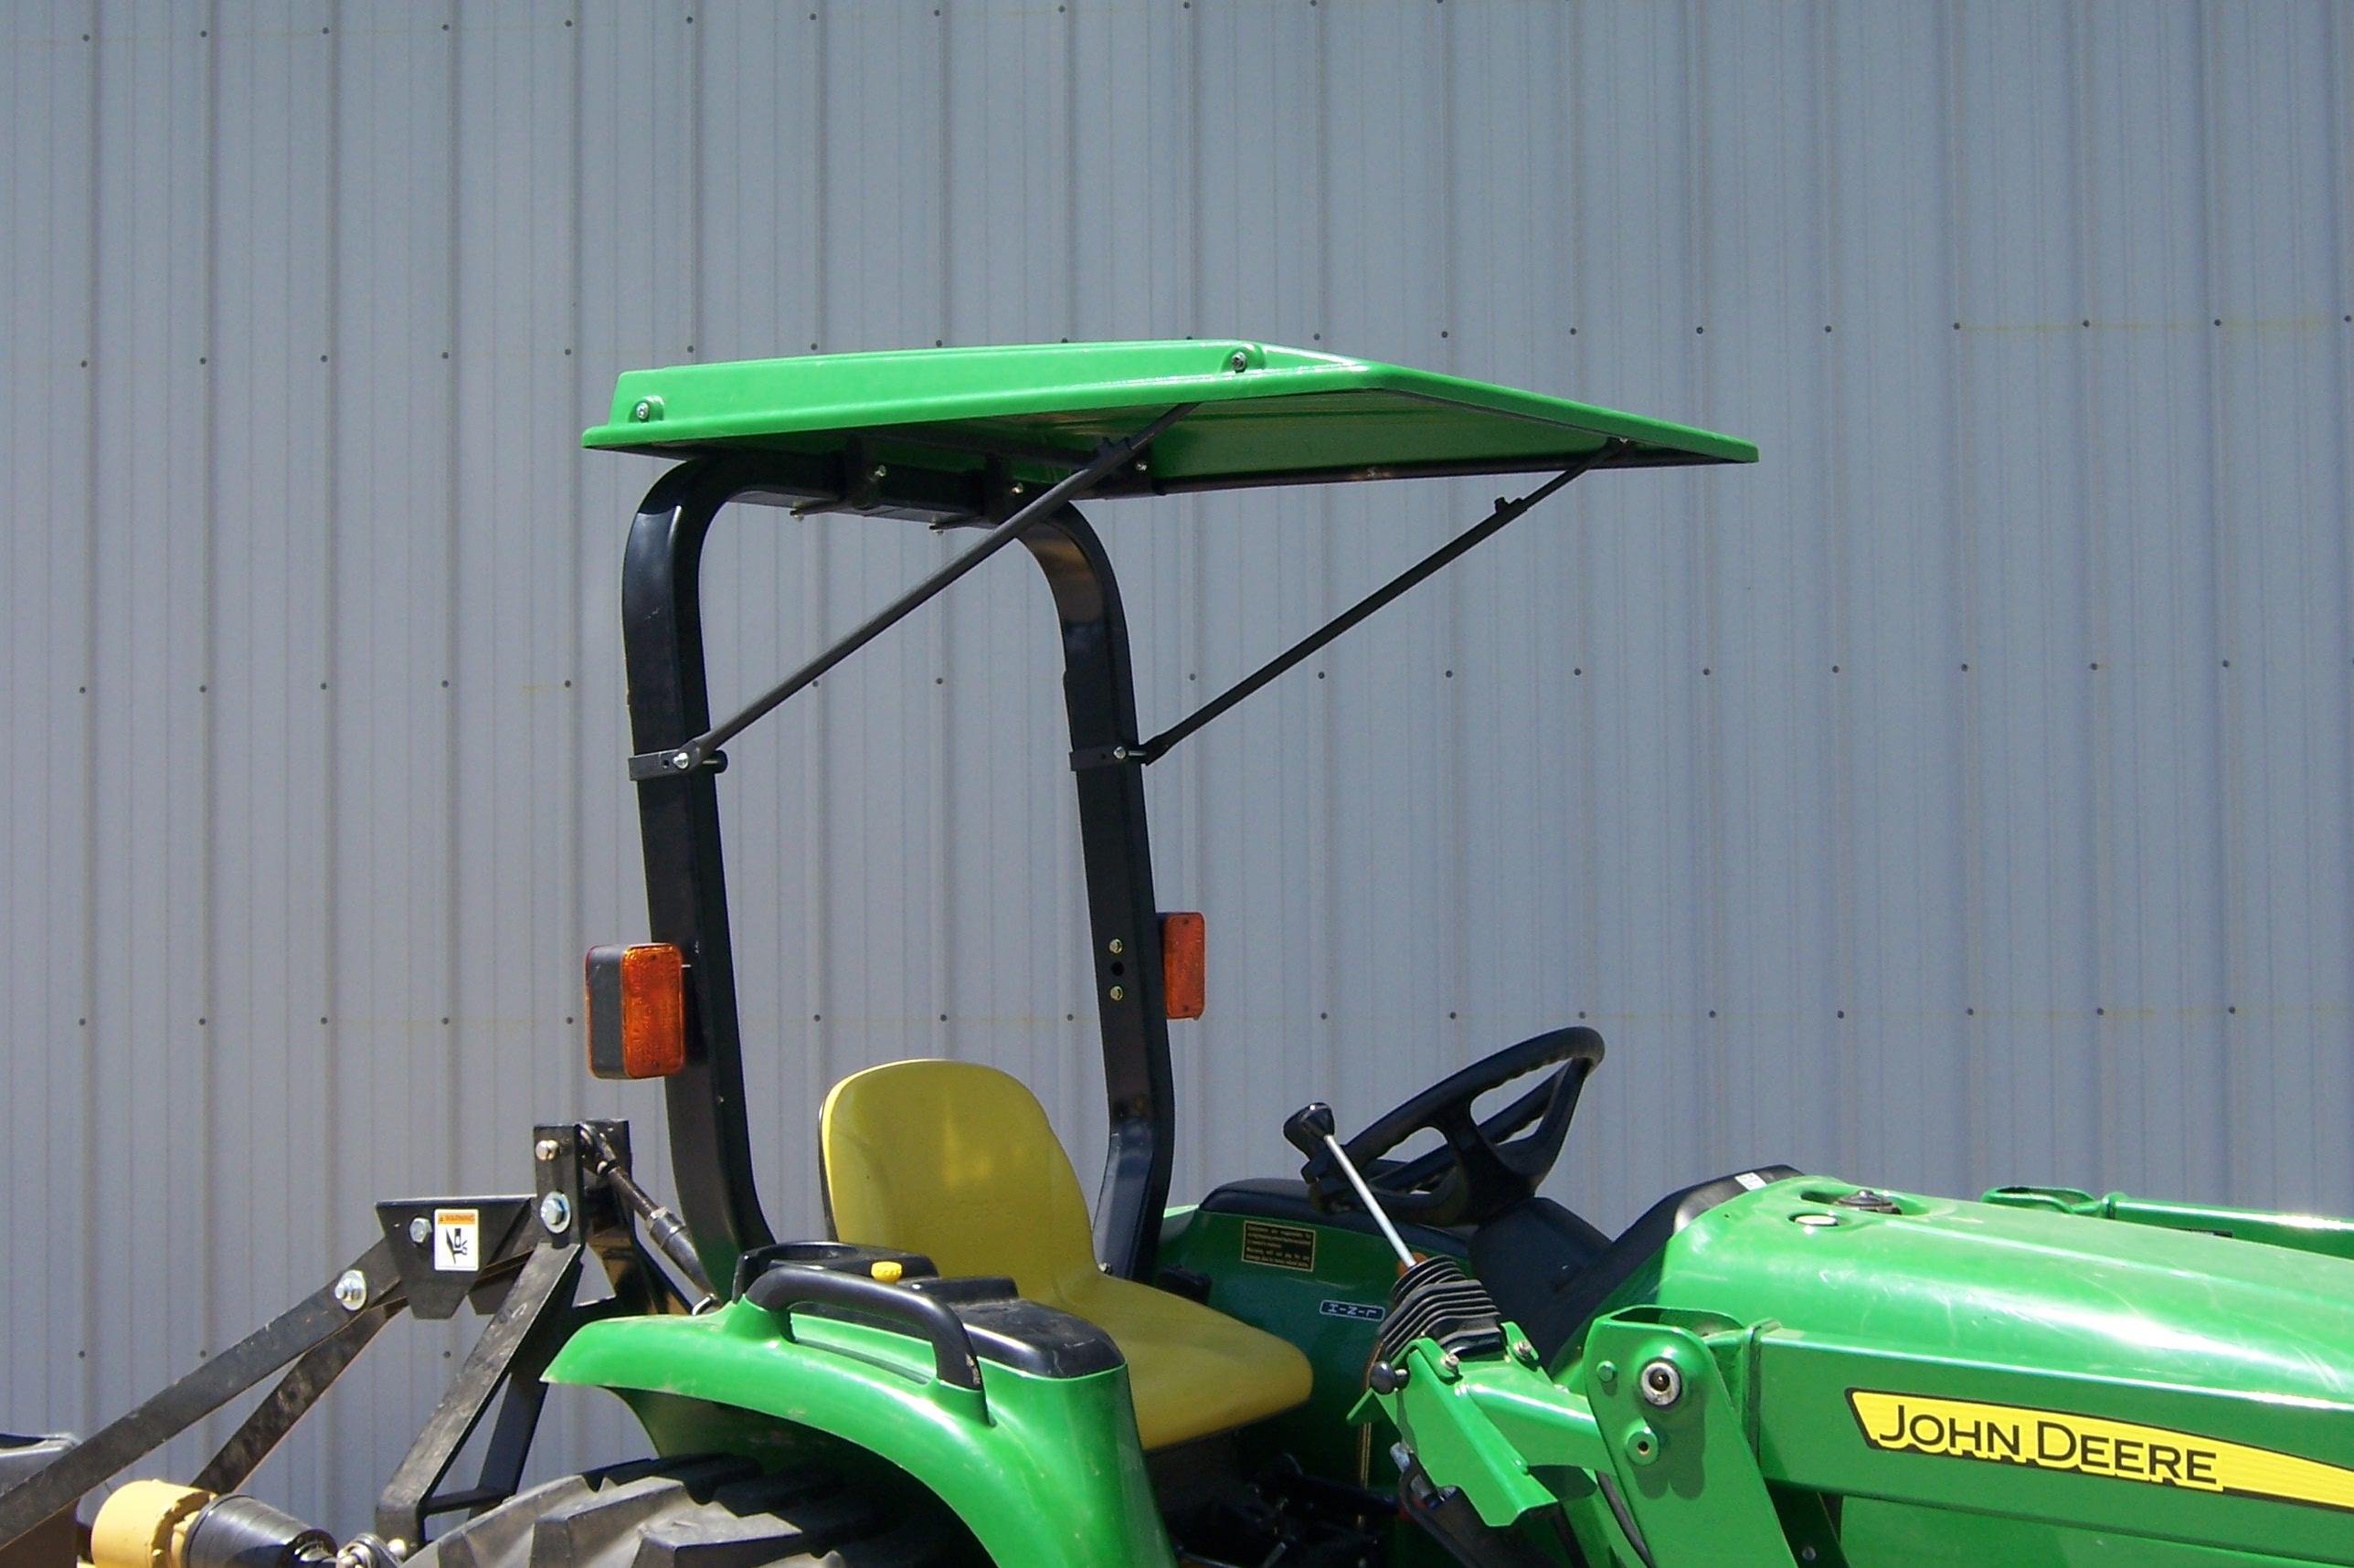 Original Tractor Cab Canopy Fits John Deere Ztrak Mowers. Hover to zoom & Original Tractor Cab Canopy Fits John Deere Ztrak Mowers